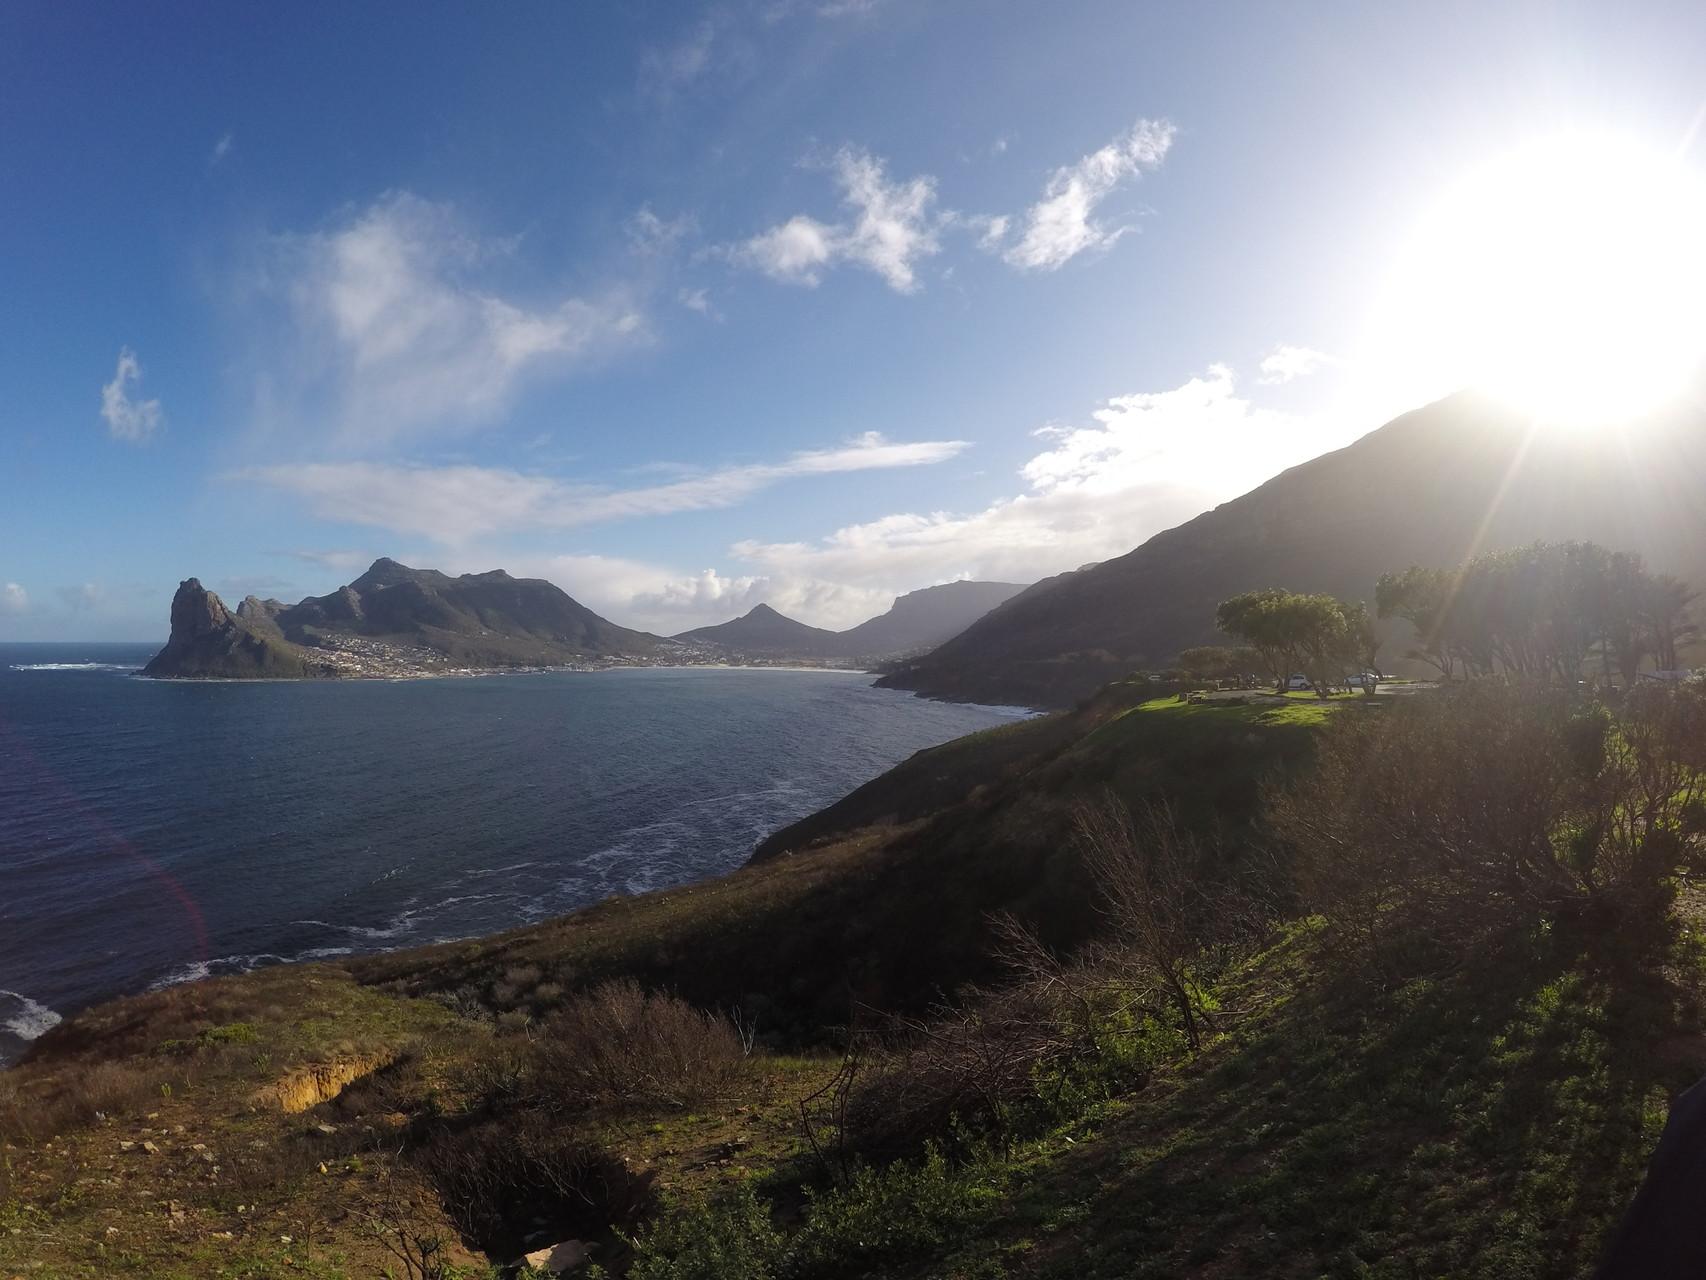 Chapman's Peak & Hout Bay